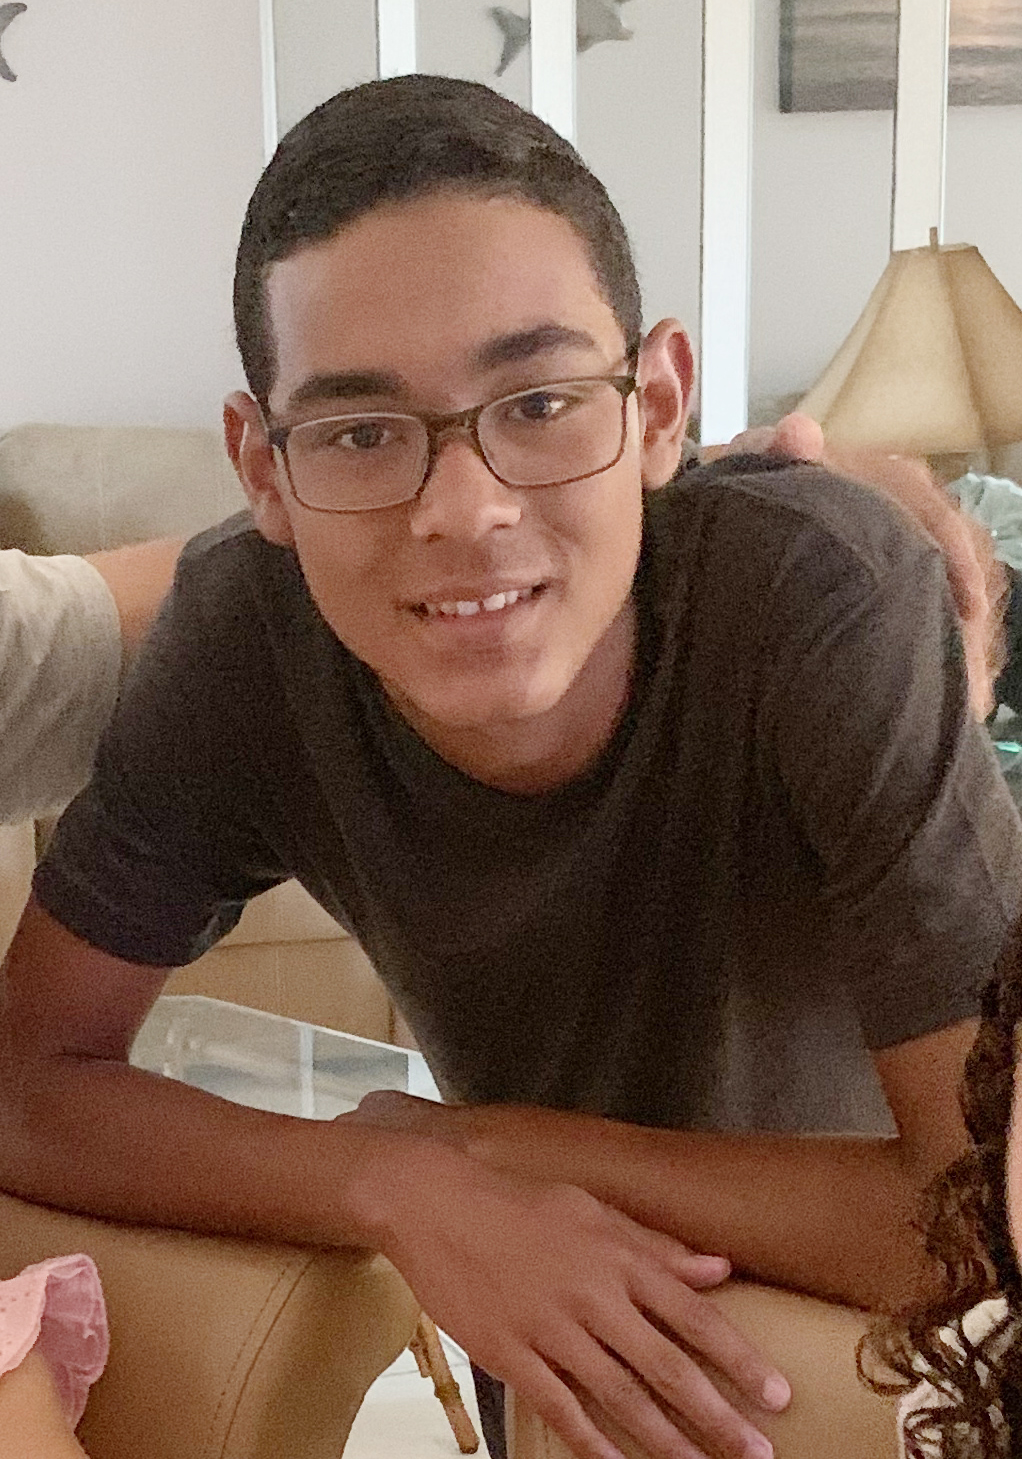 IMG 33841 Adolescente desaparecido em West Long Branch é localizado em NY